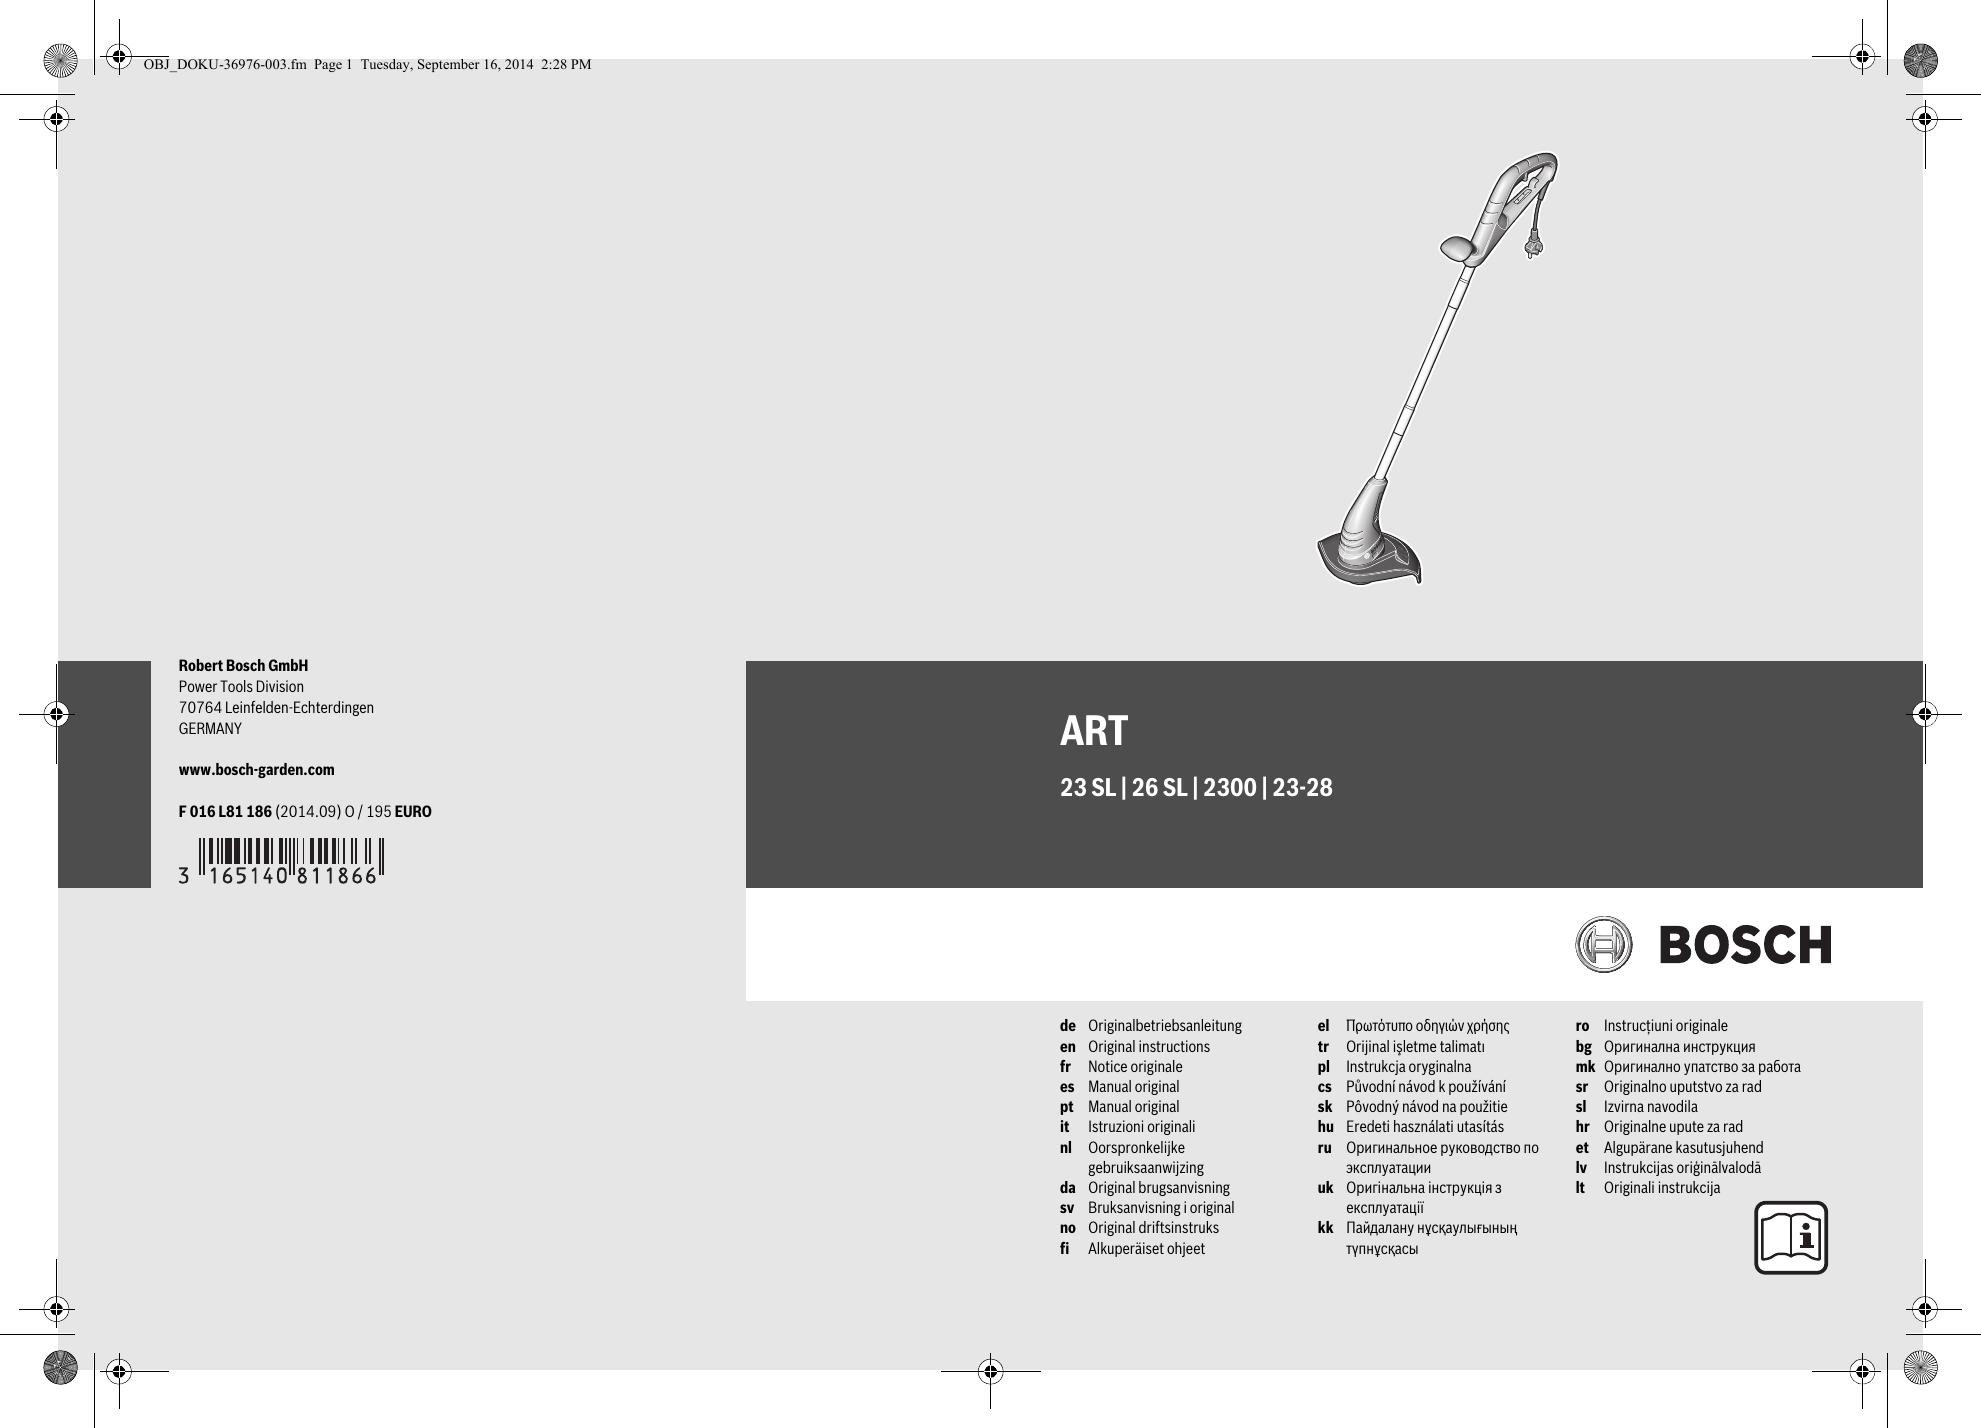 Instruction9B7Eb9Debc284F19A1Fbbc464Fc59A0C User Guide Page 1